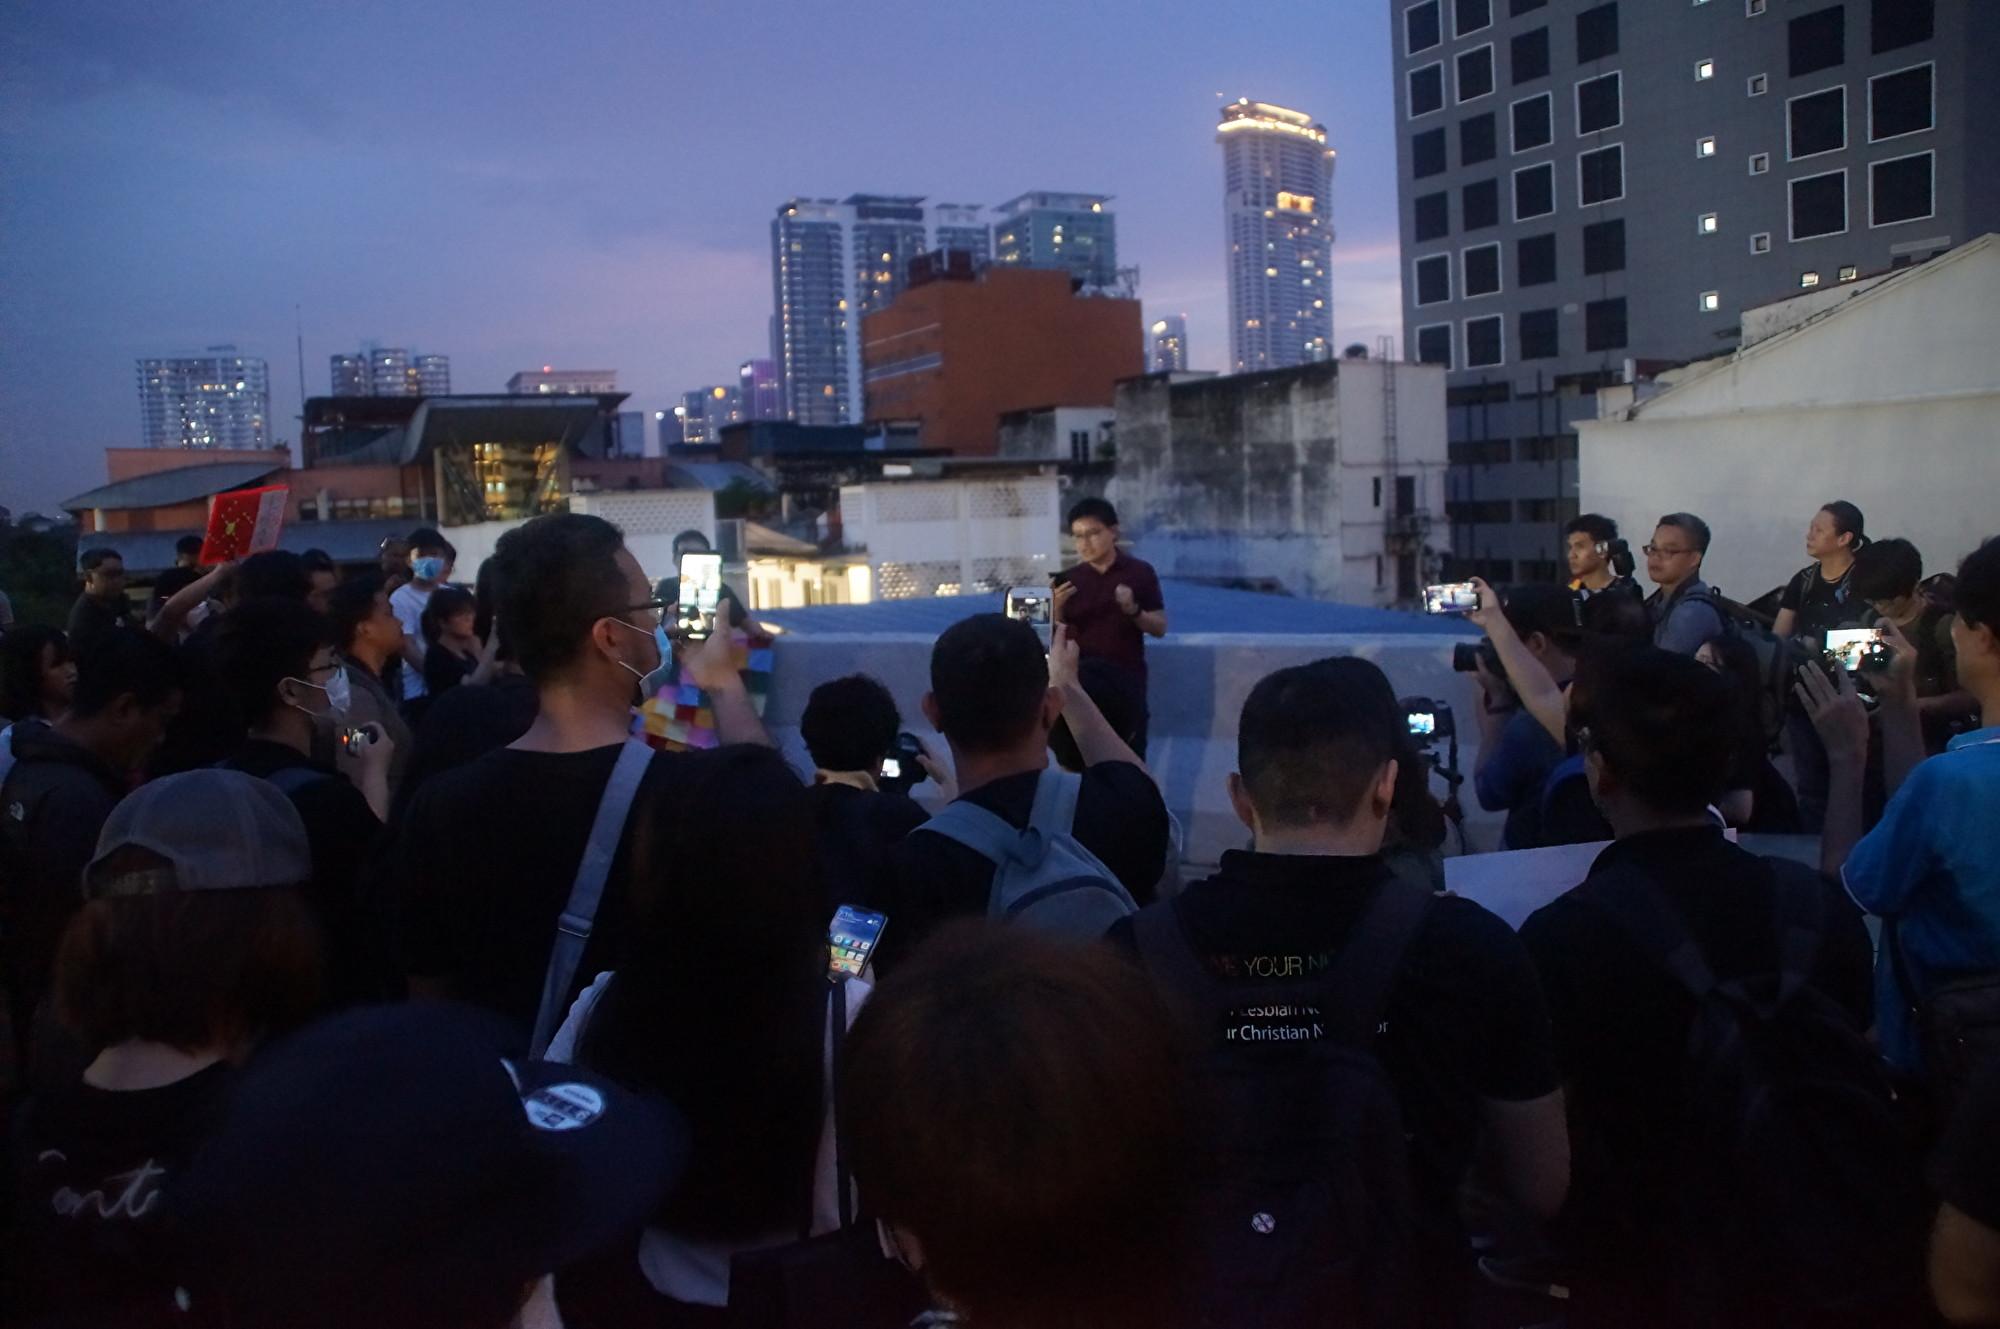 【9.29反極權】無懼中共施壓 大馬撐港集會如期舉行